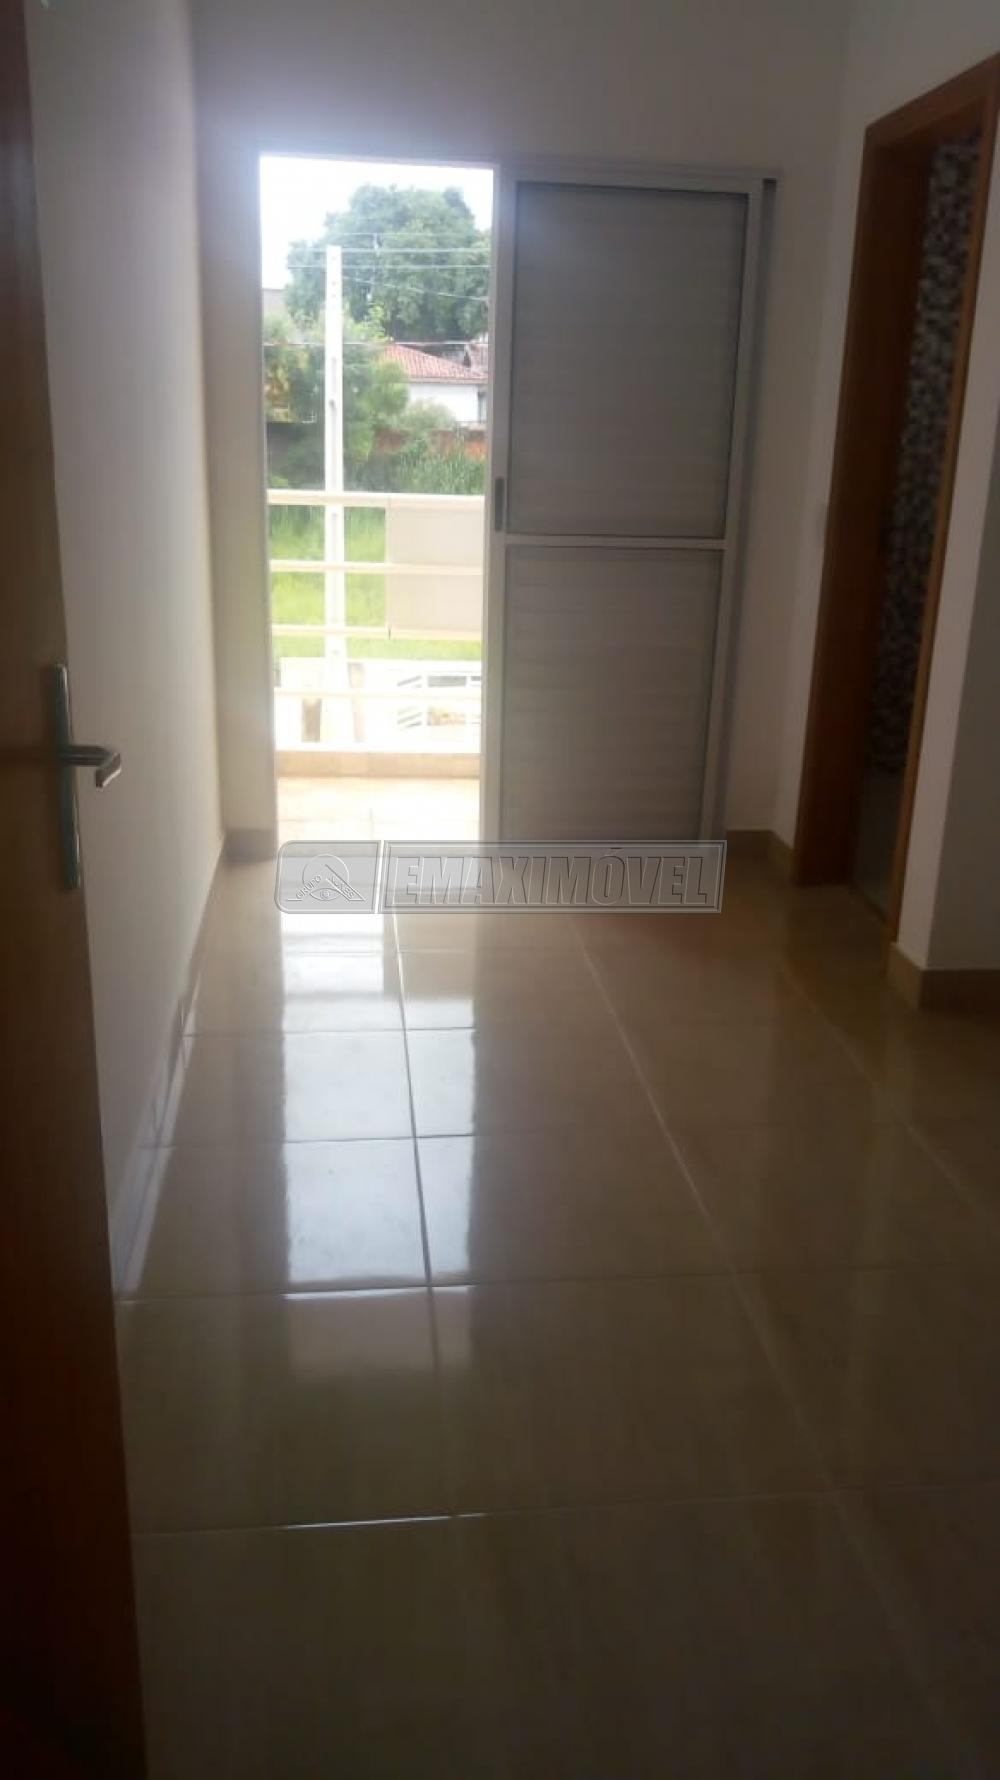 Comprar Casas / em Bairros em Sorocaba apenas R$ 240.000,00 - Foto 7